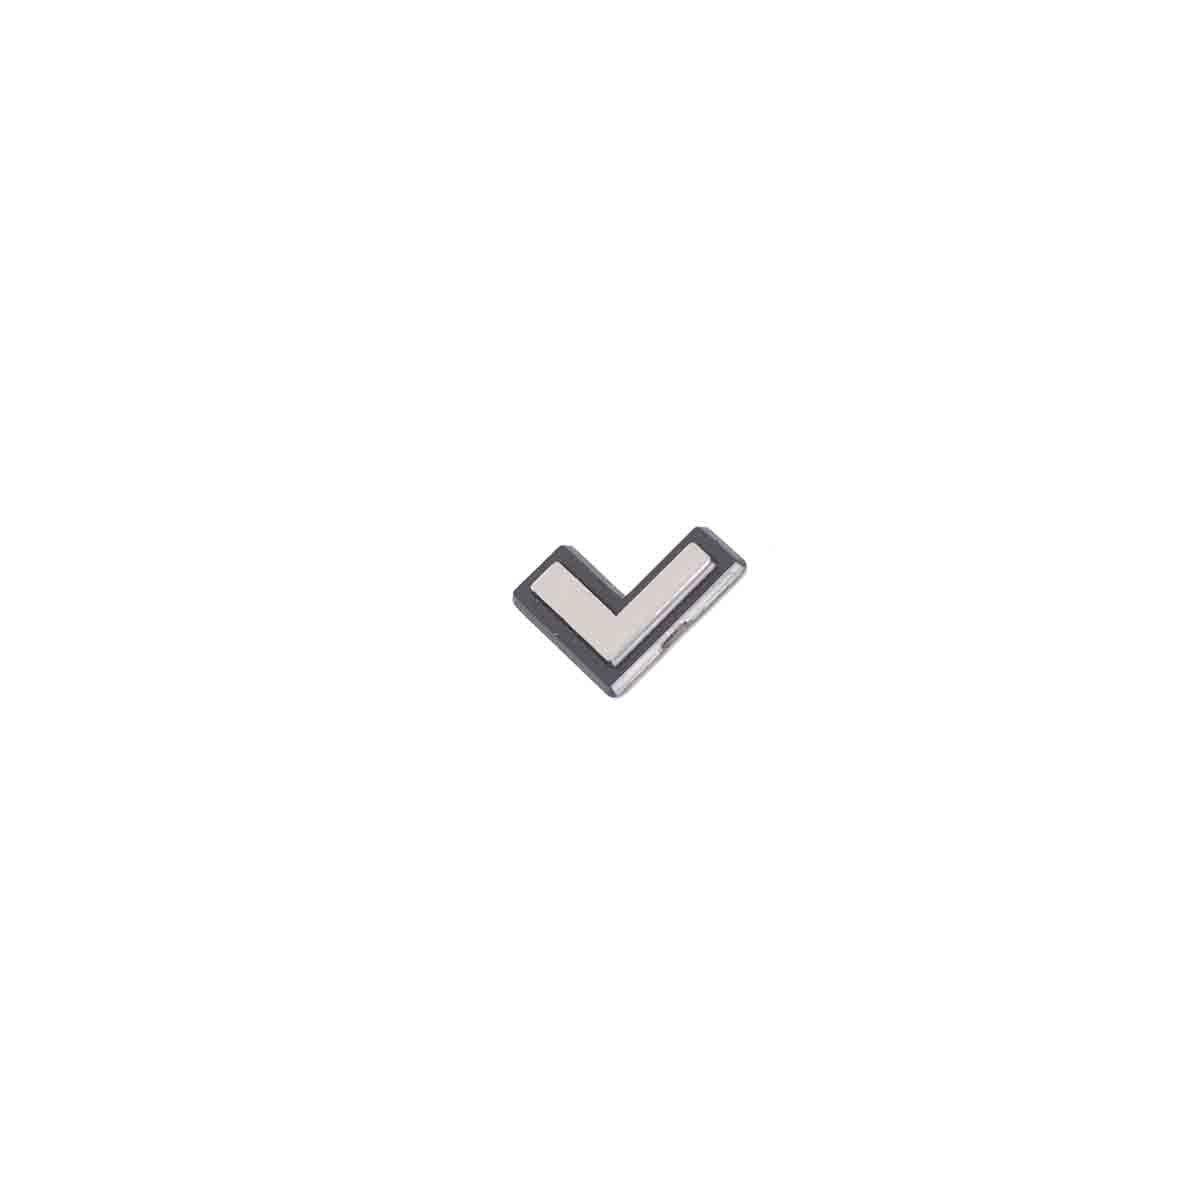 Emblema L (Escort 94) Brilhante